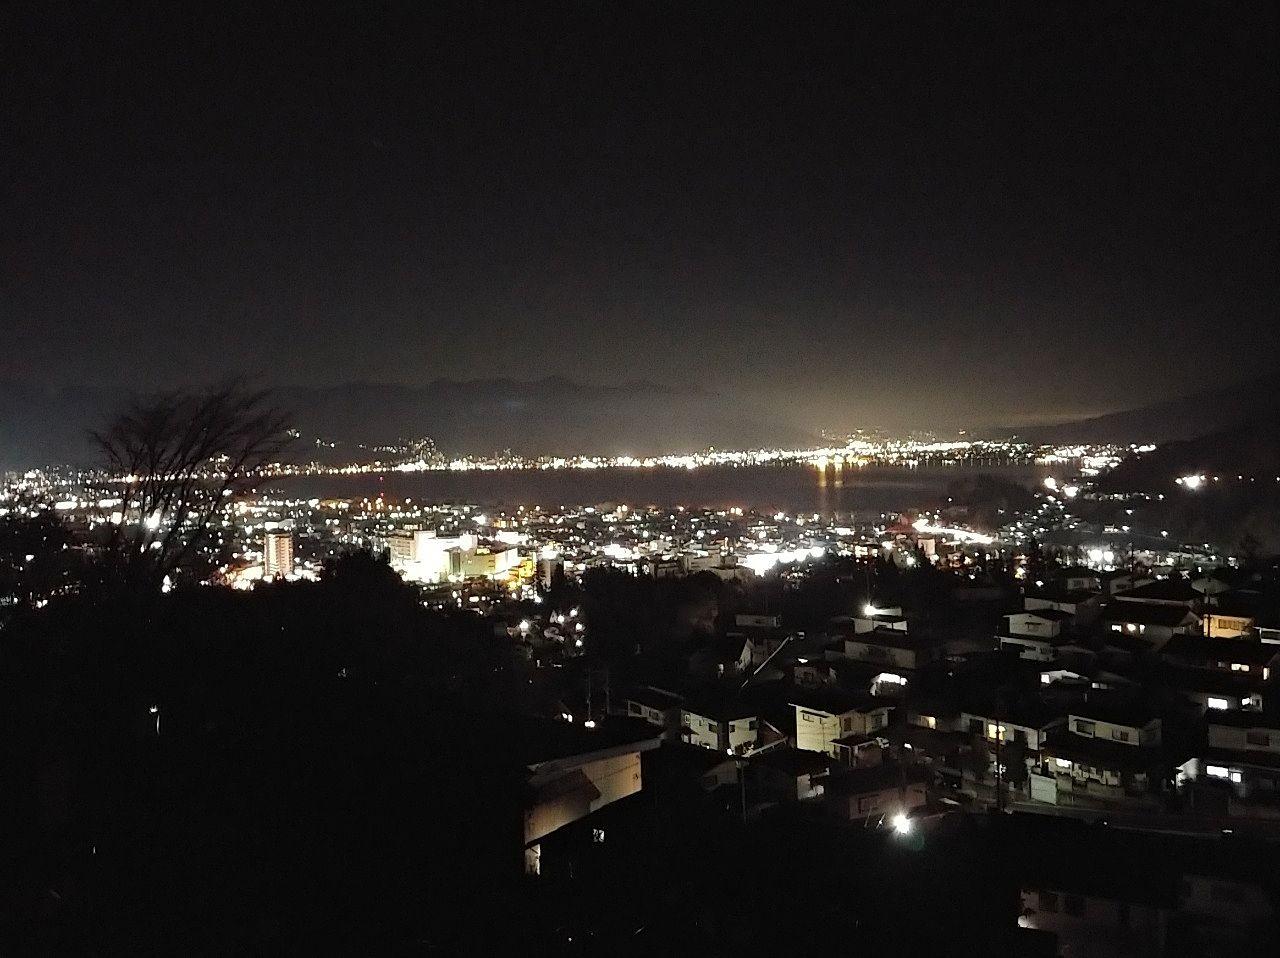 やまびこから見る諏訪の夜景